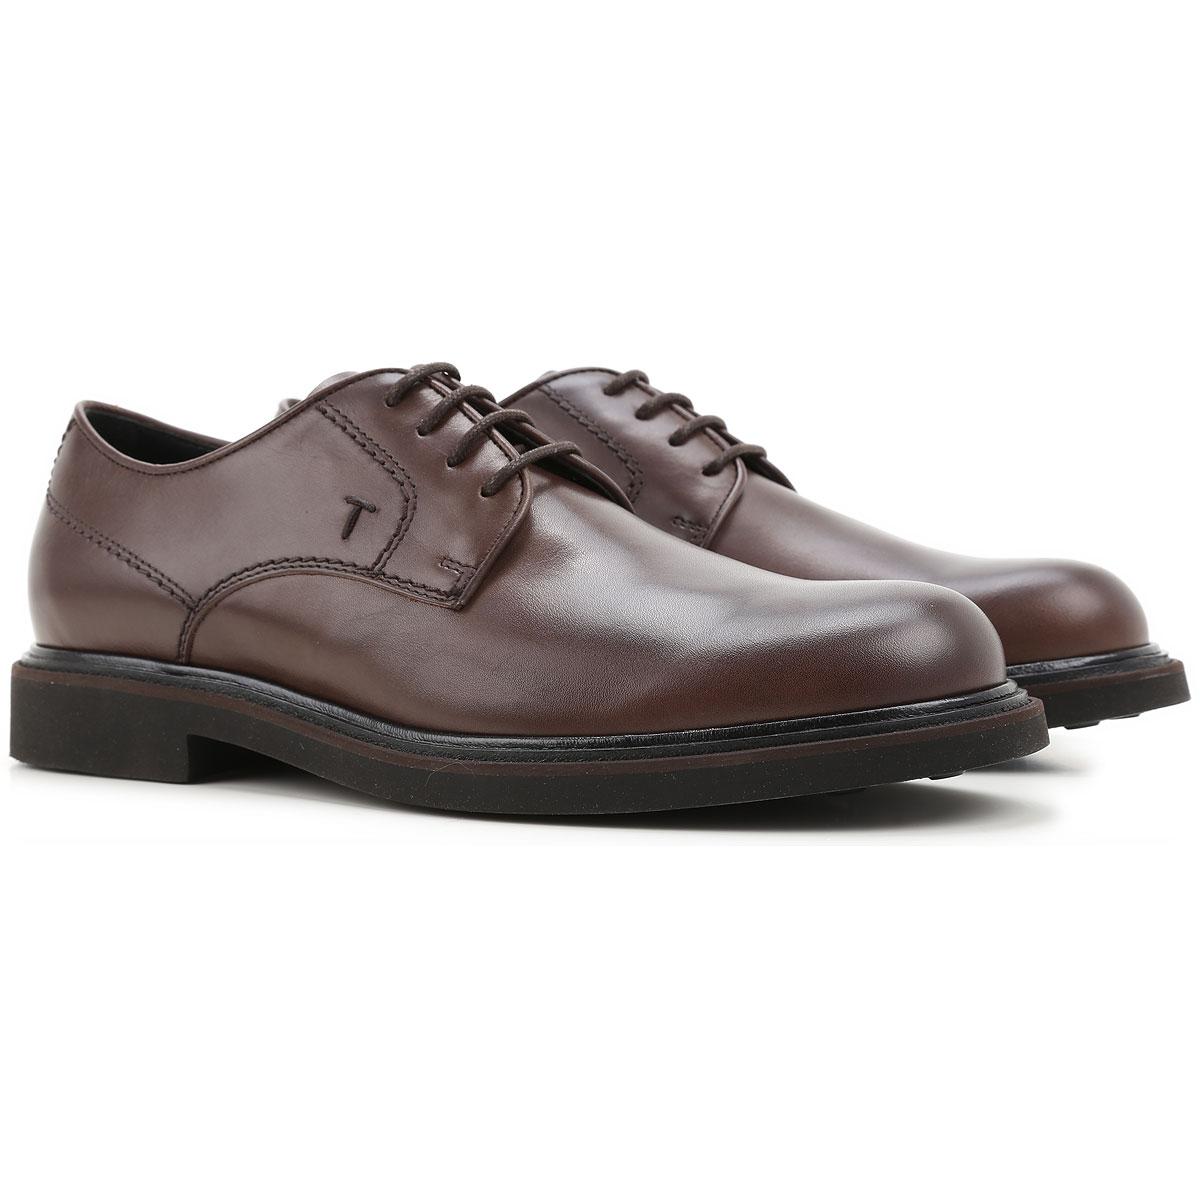 5752439c2 Tods Ботинки на шнурках для мужчин, оксфорды, дерби и спортивная ...